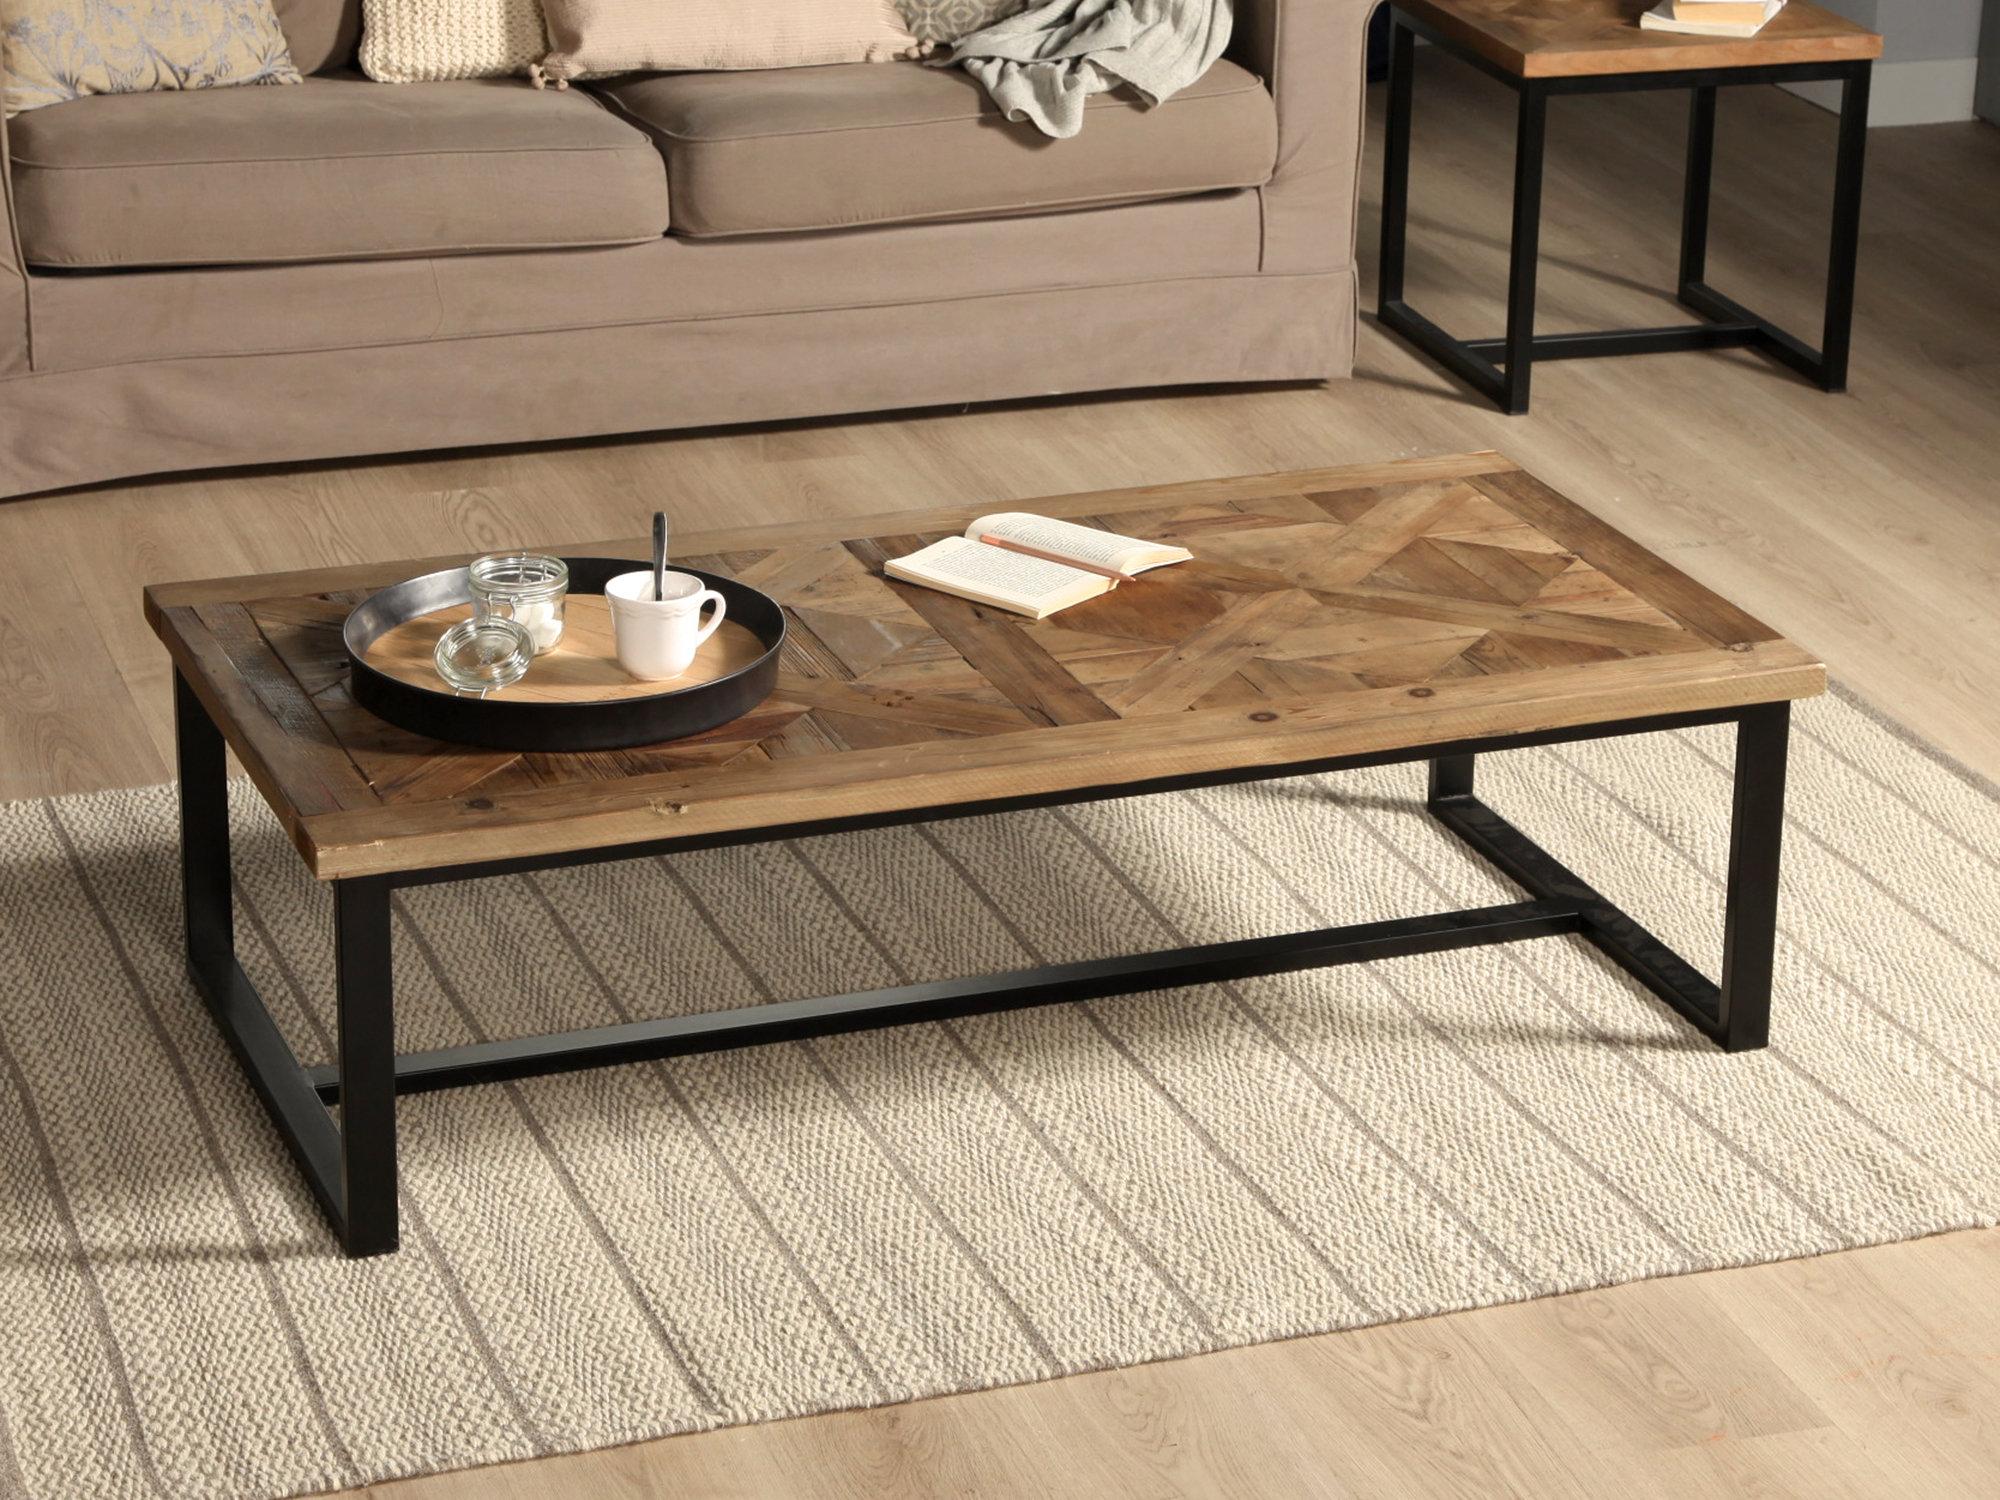 Table basse bois metal moderne